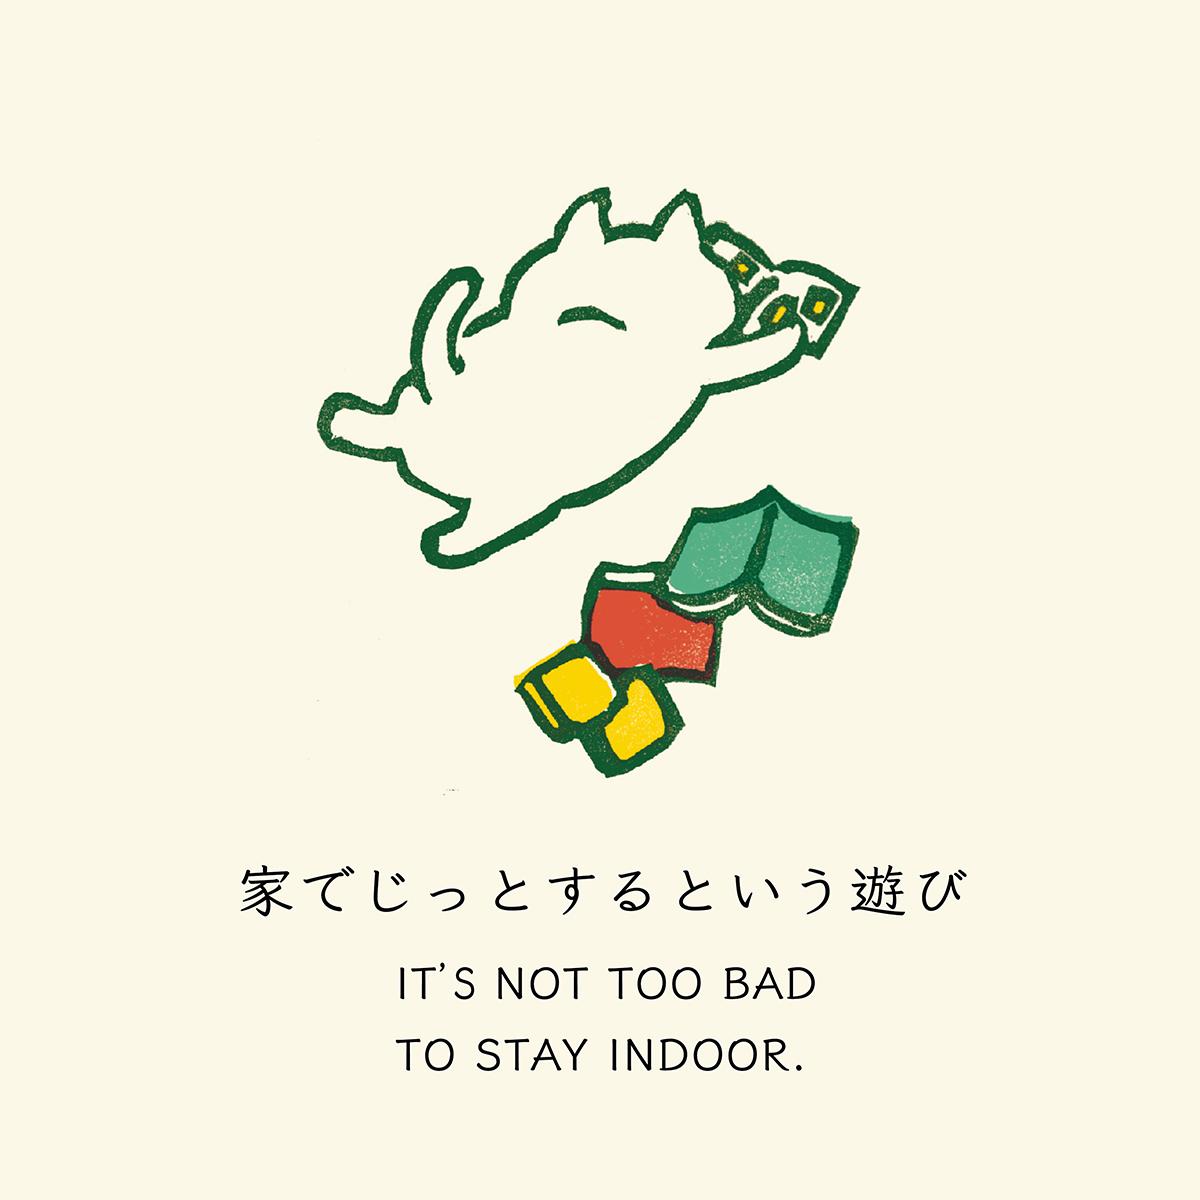 クリエイターメッセージ12_amanosakuya